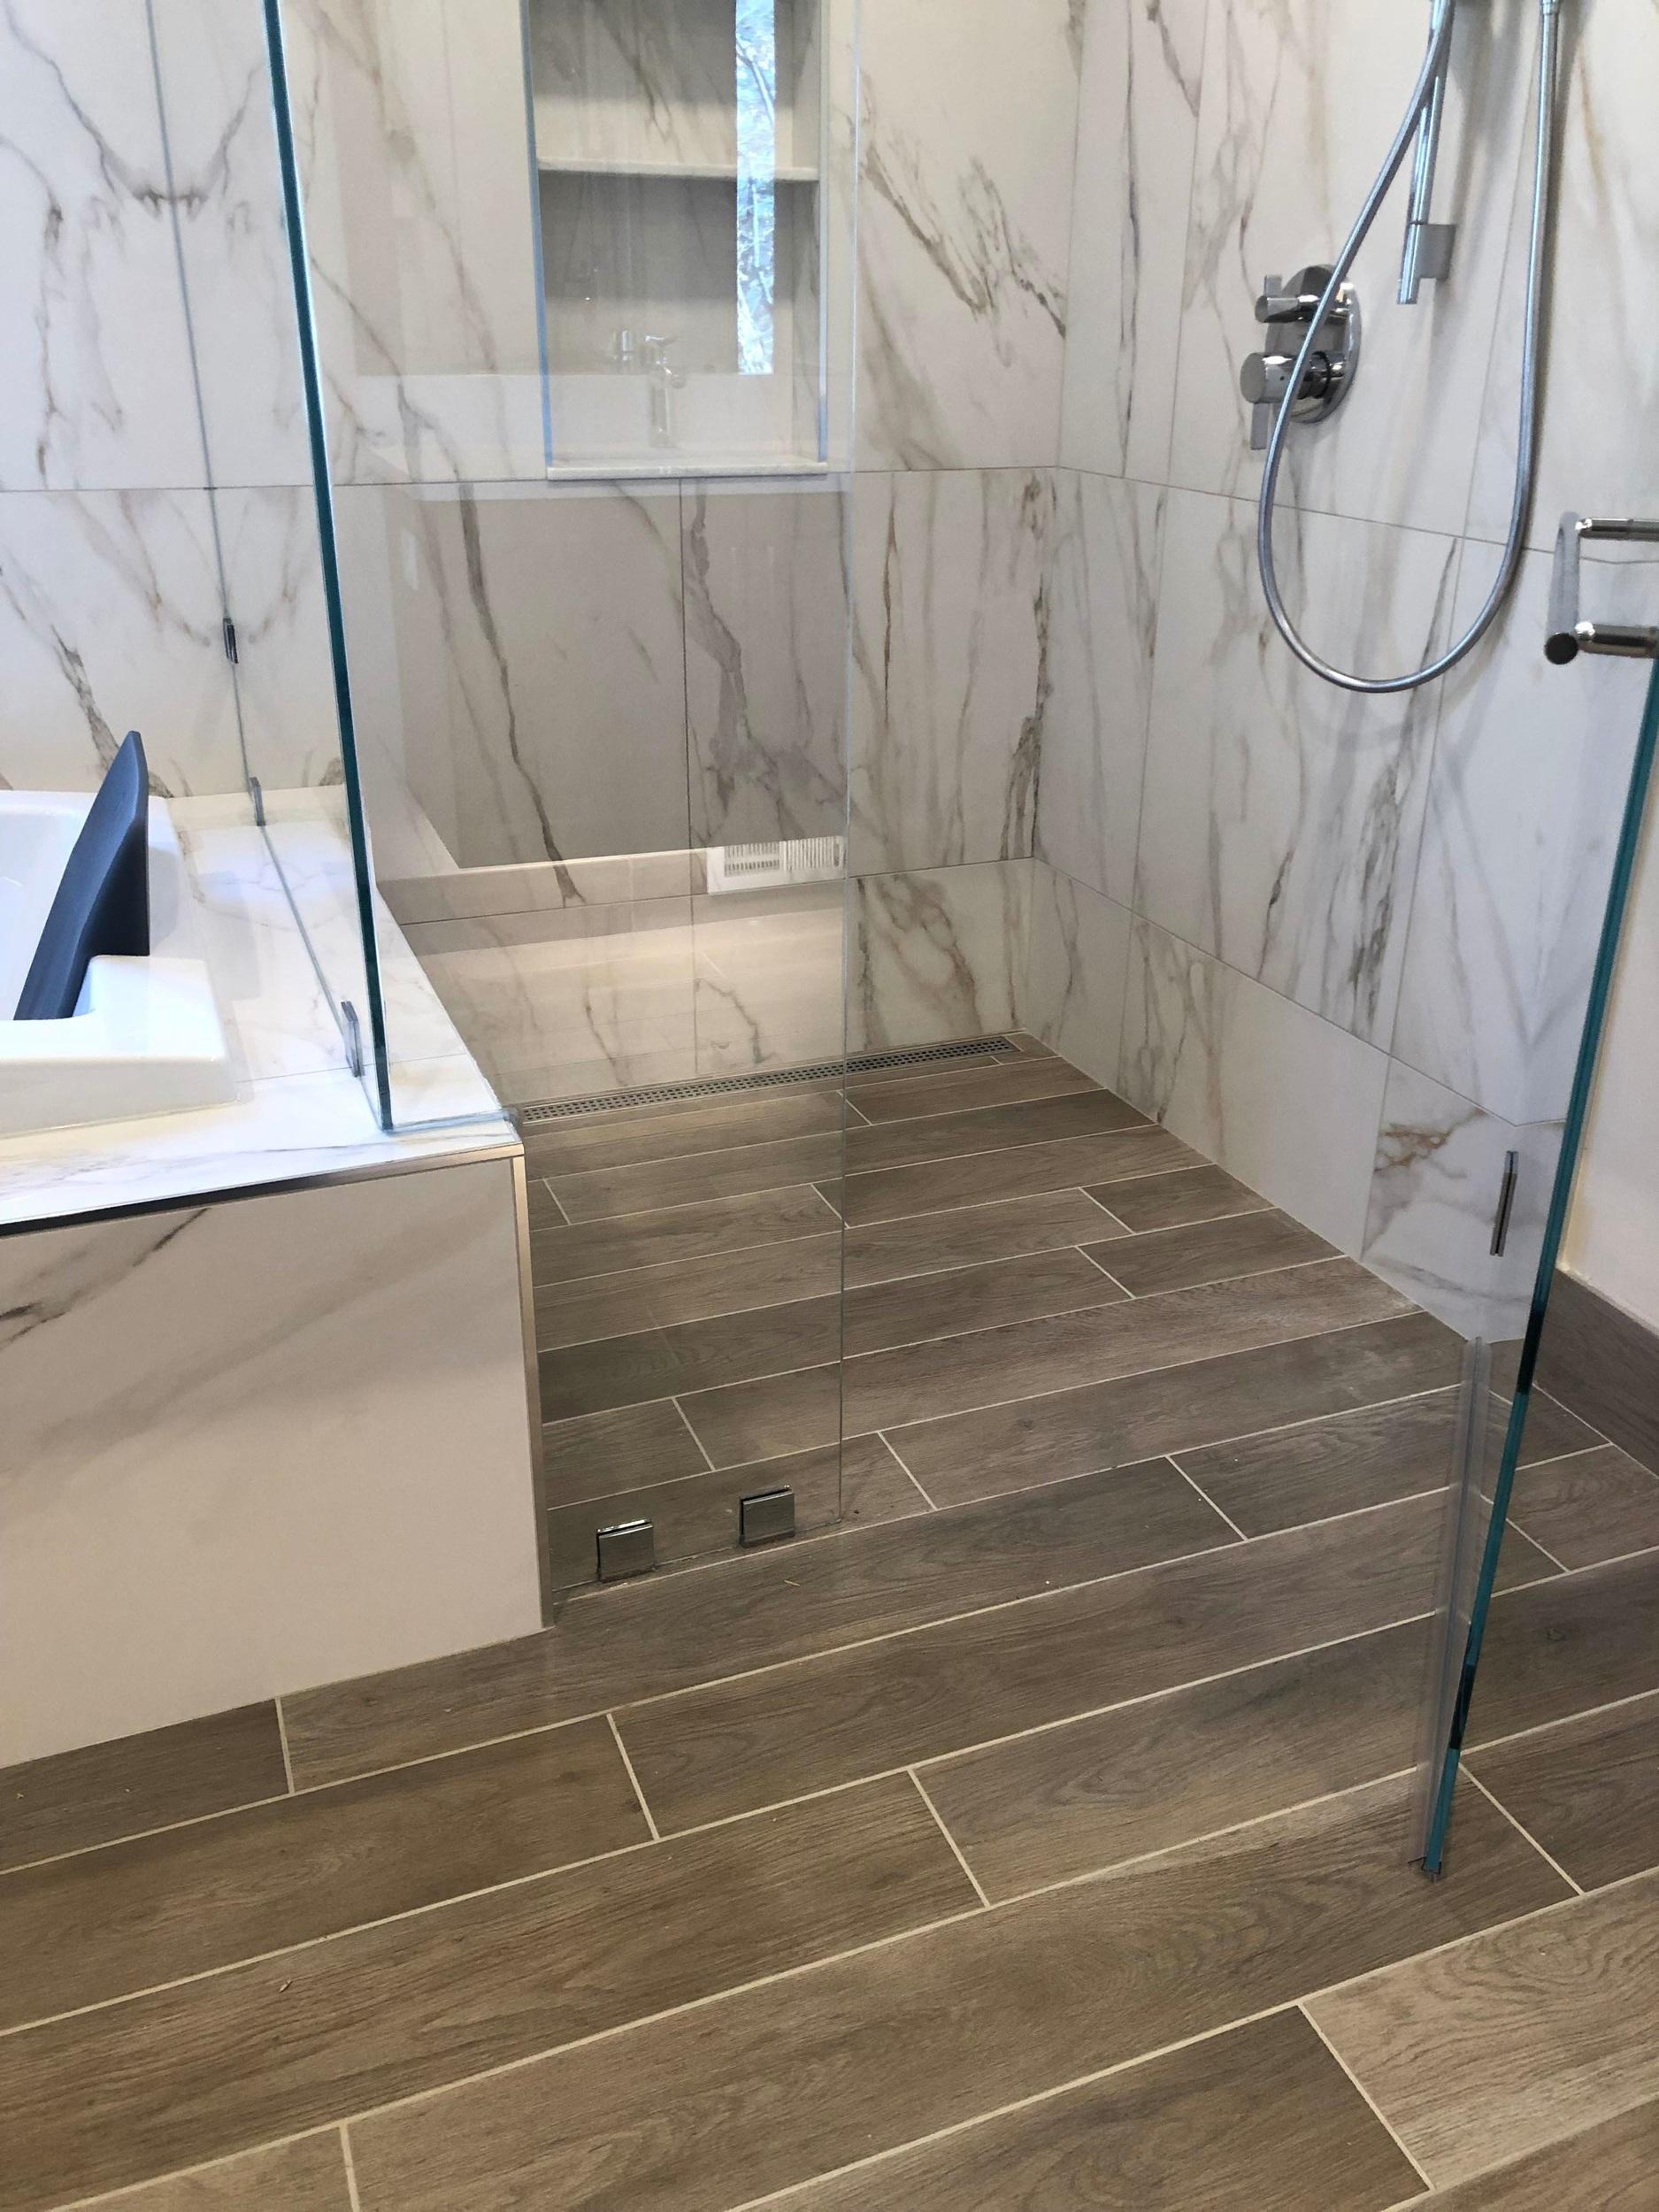 guestbathroom 5.jpeg